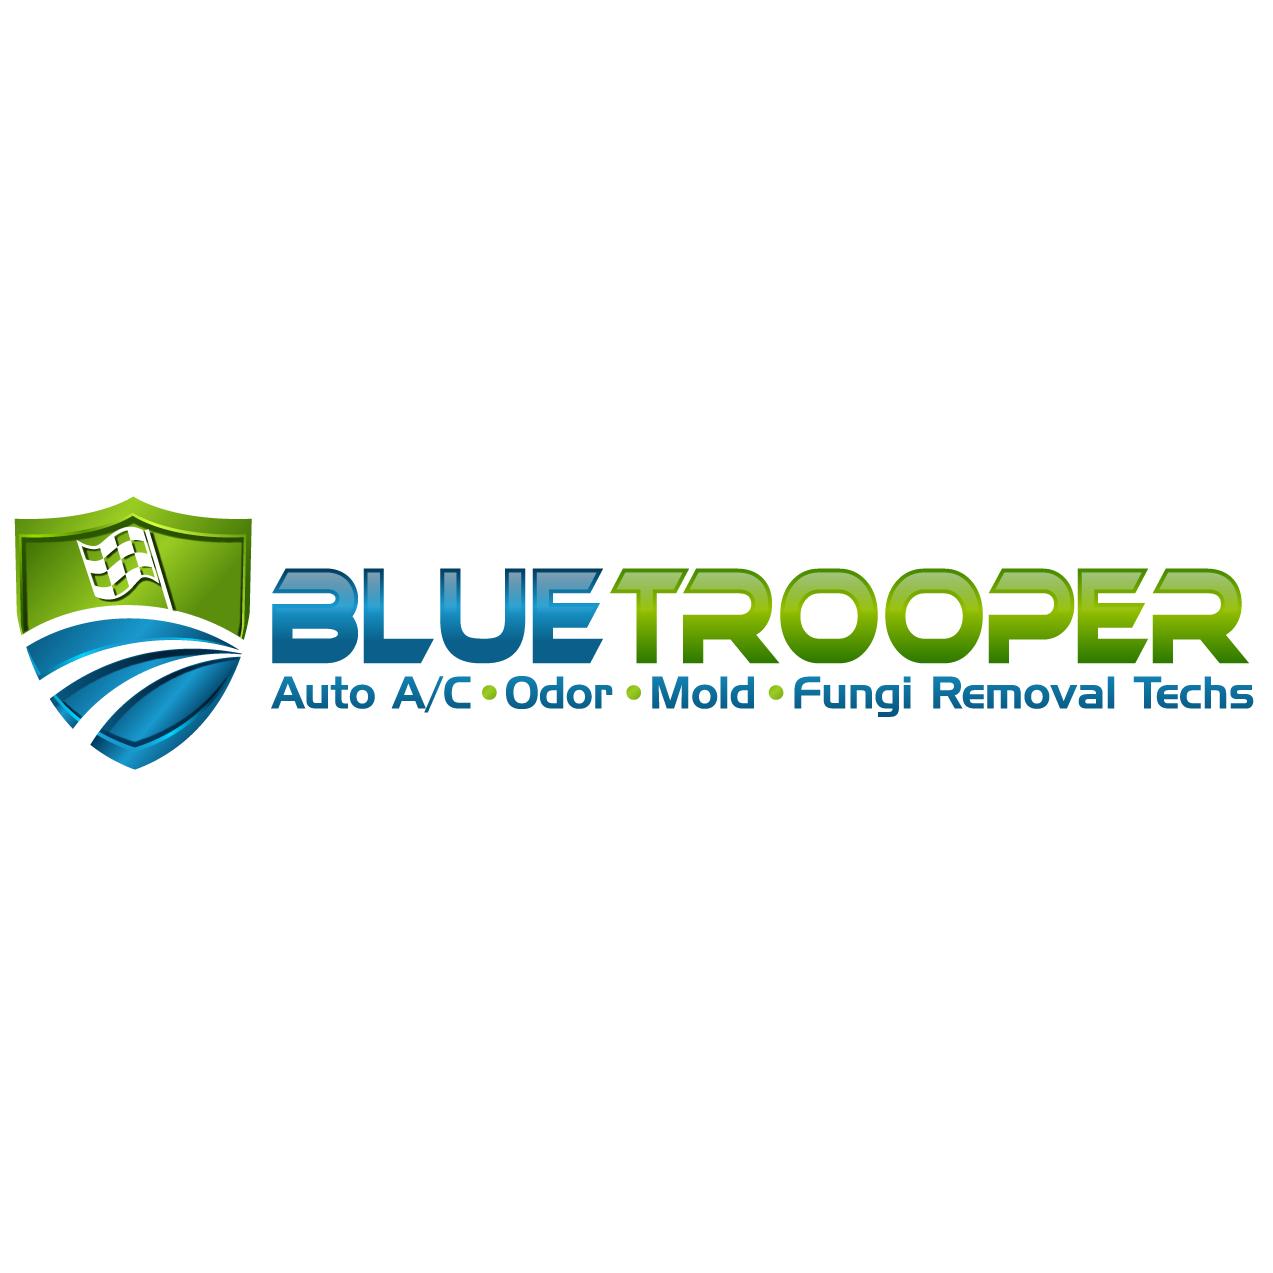 Blue Trooper Automotive HVAC Allergen & Odor Removal Service image 1